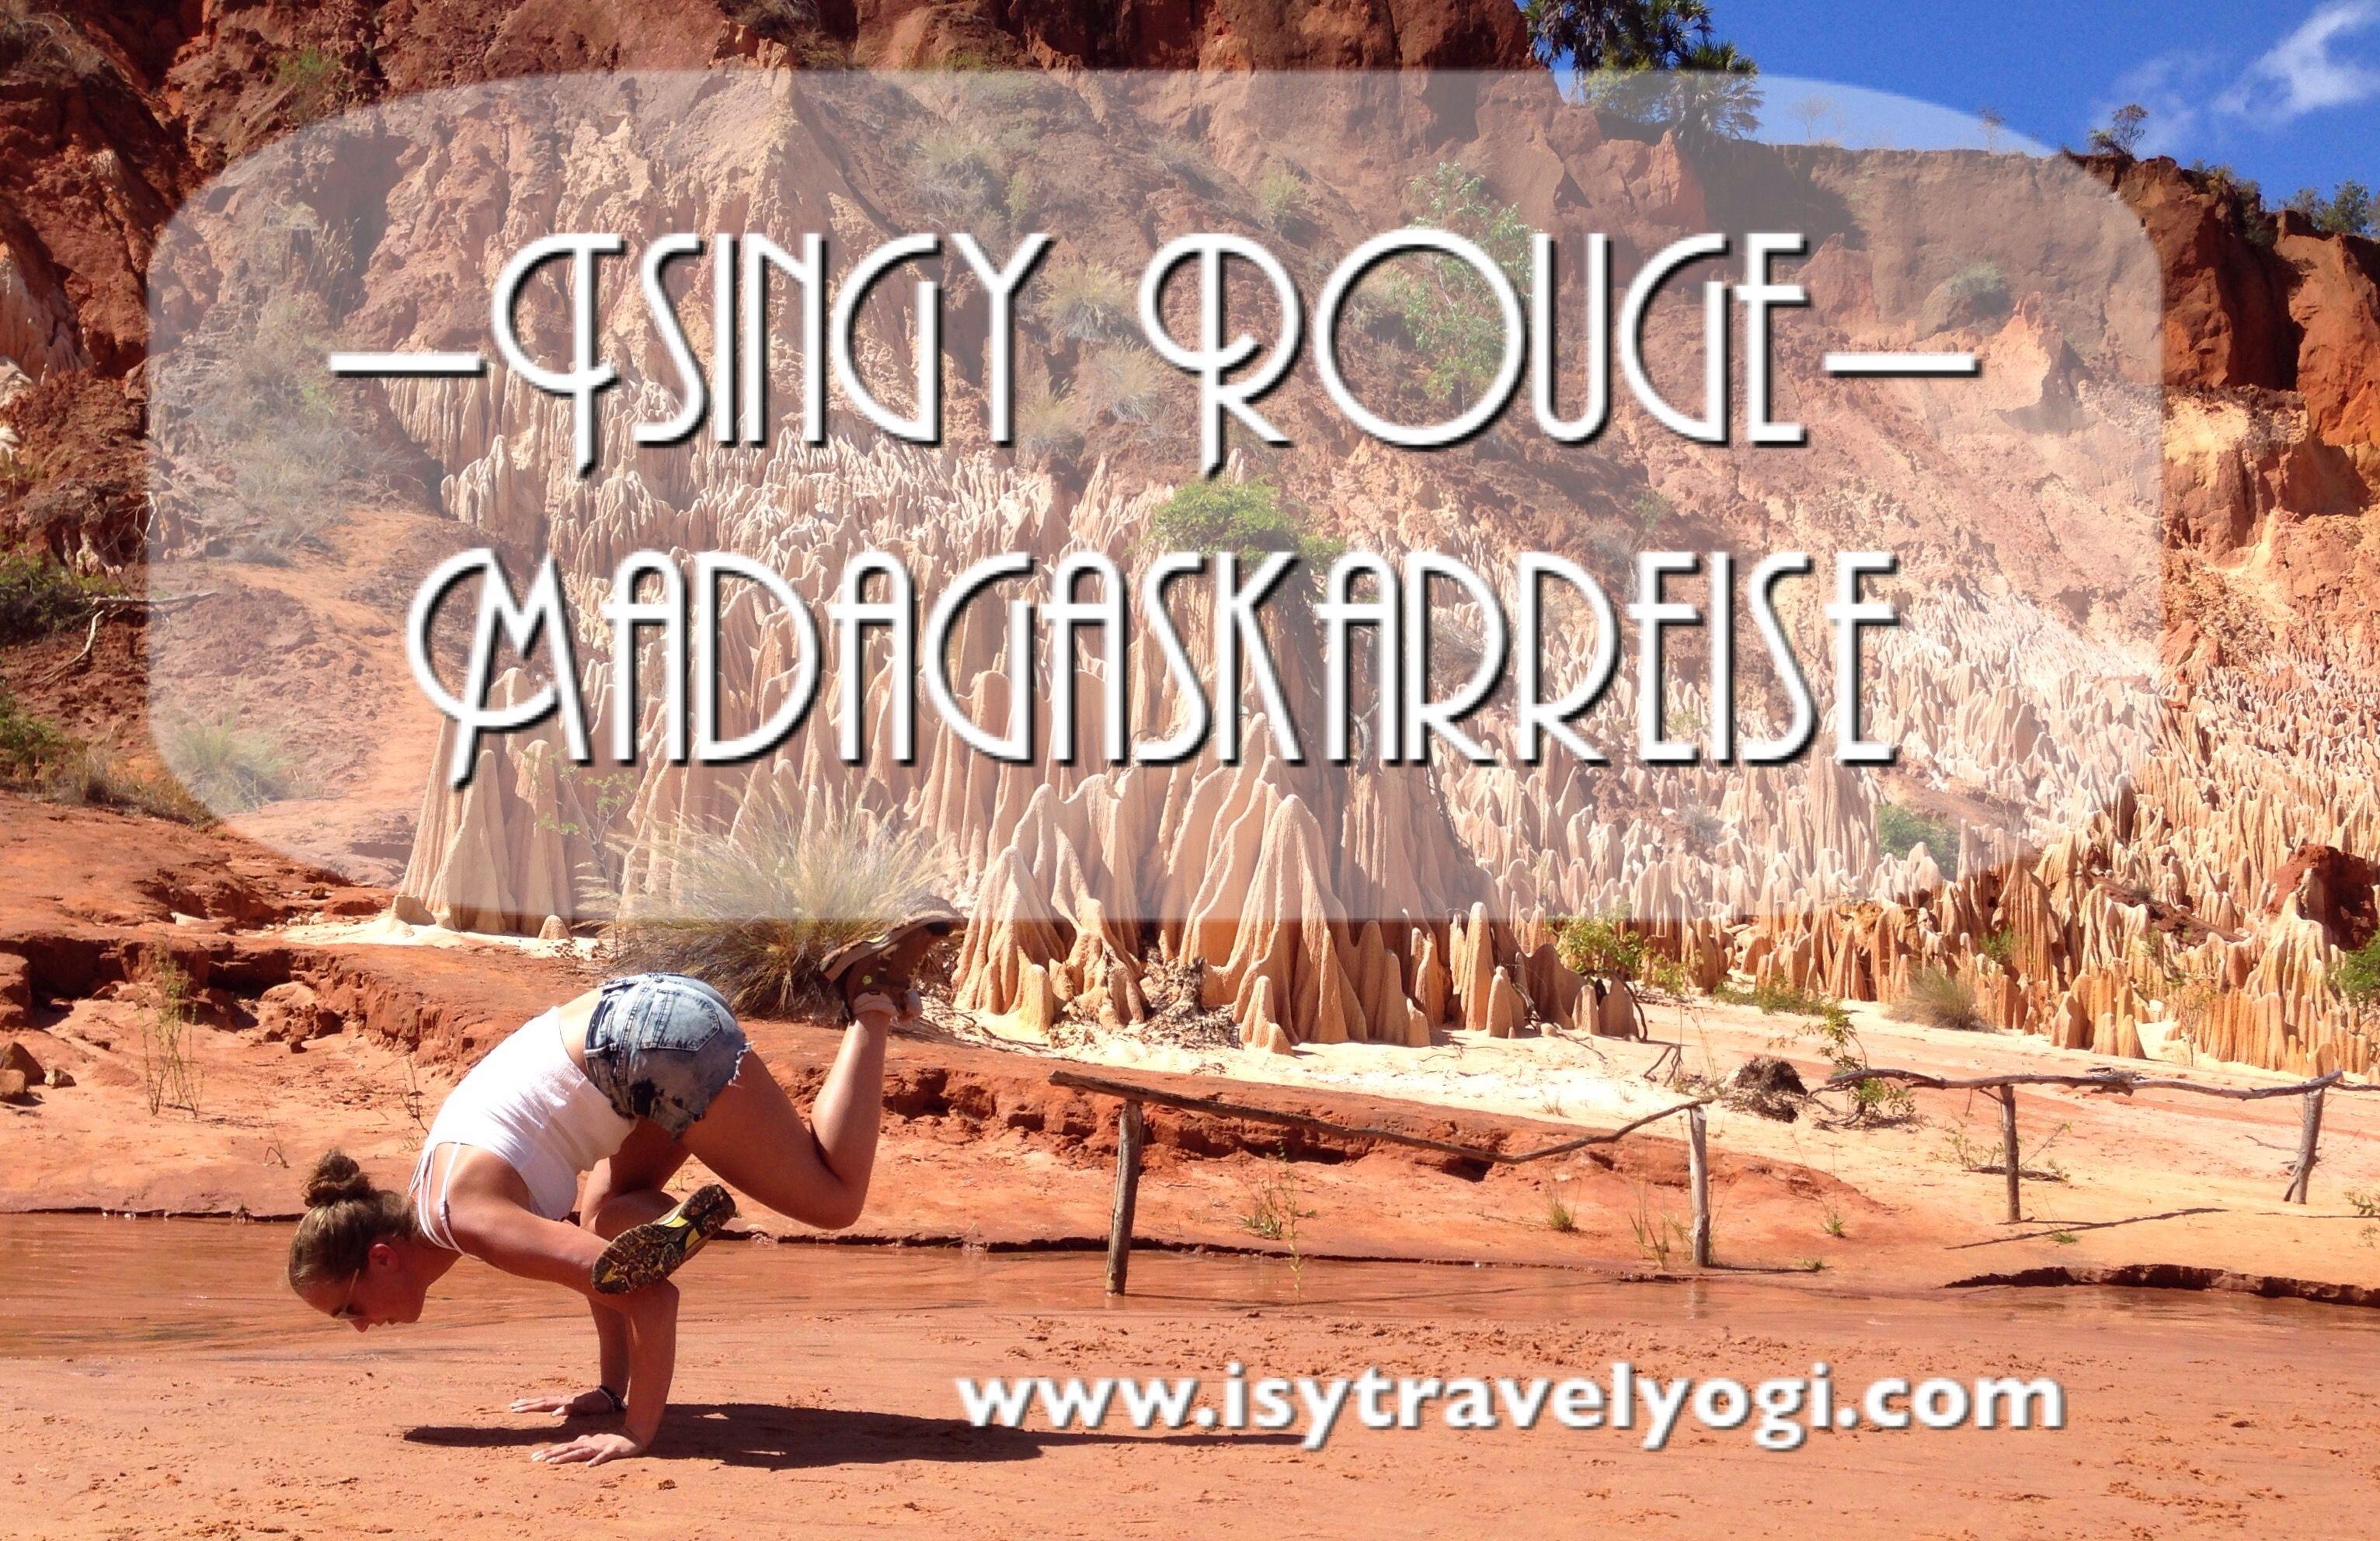 Tsingy Rouge Madagaskar Rundreise als Yogi #acroyoga #yoga #tsingy #madagascar #reiseblog